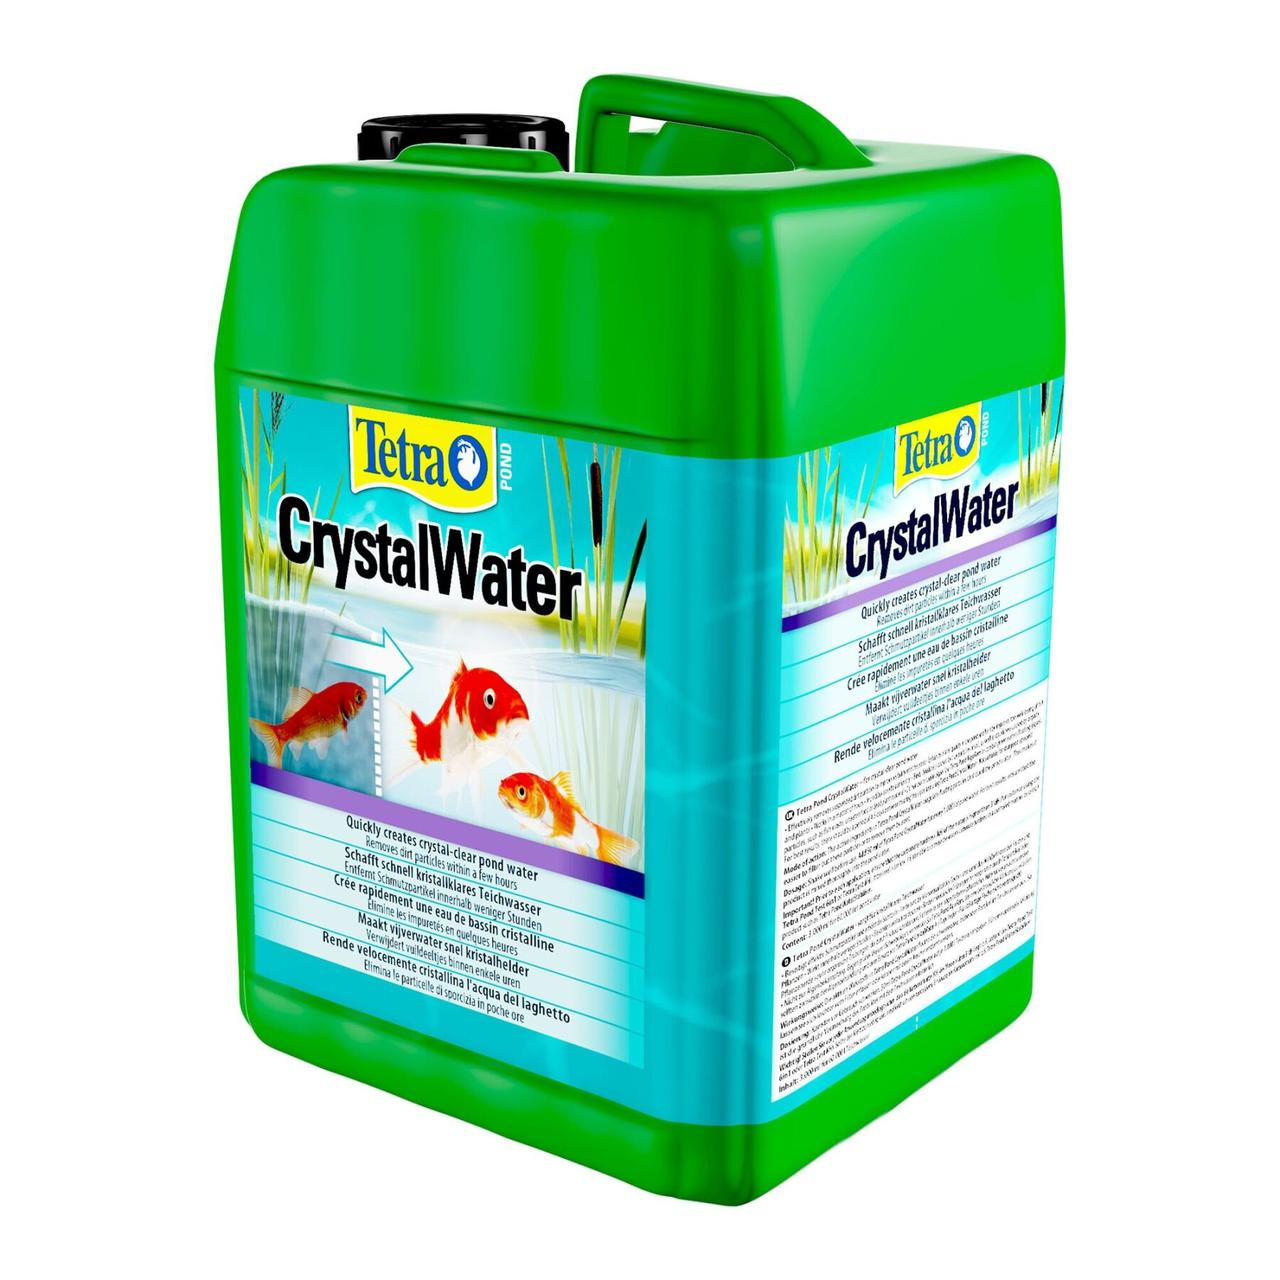 Tetra Pond Crystal Water 232617 средство для очищения прудовой воды  плавающих частиц, 3 л